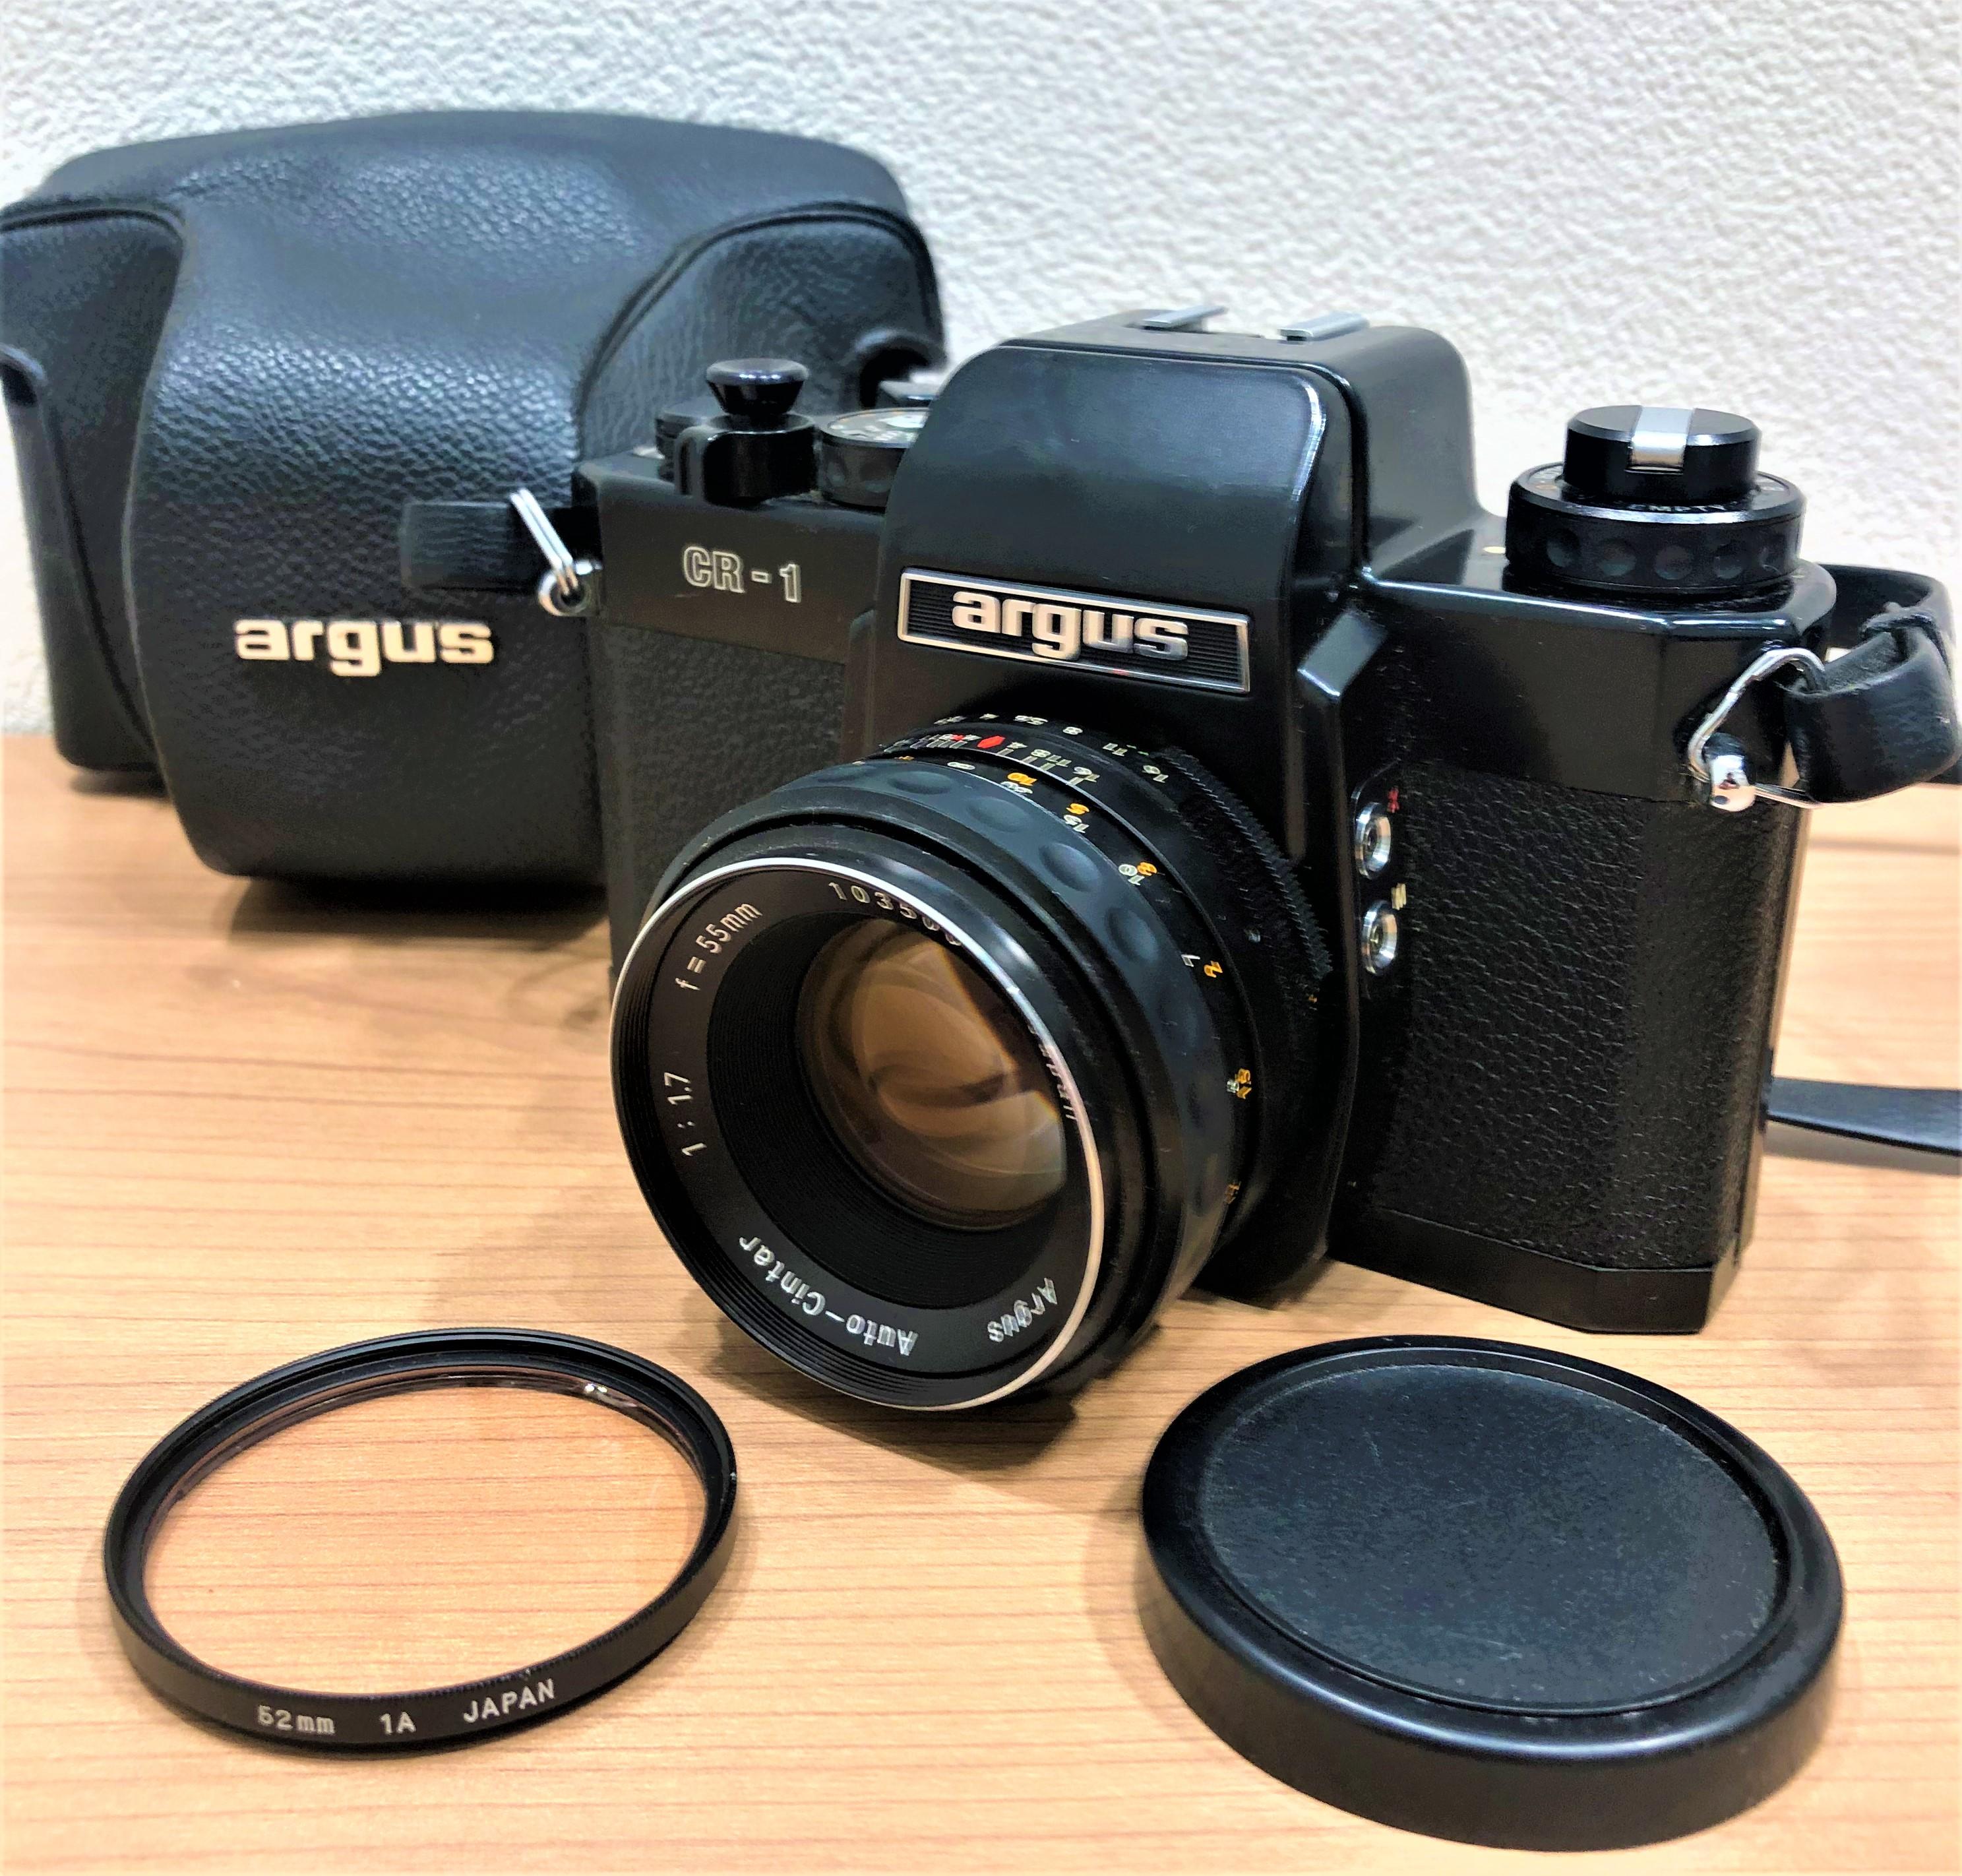 【argus/アーガス】GR-1 一眼レフフィルムカメラ